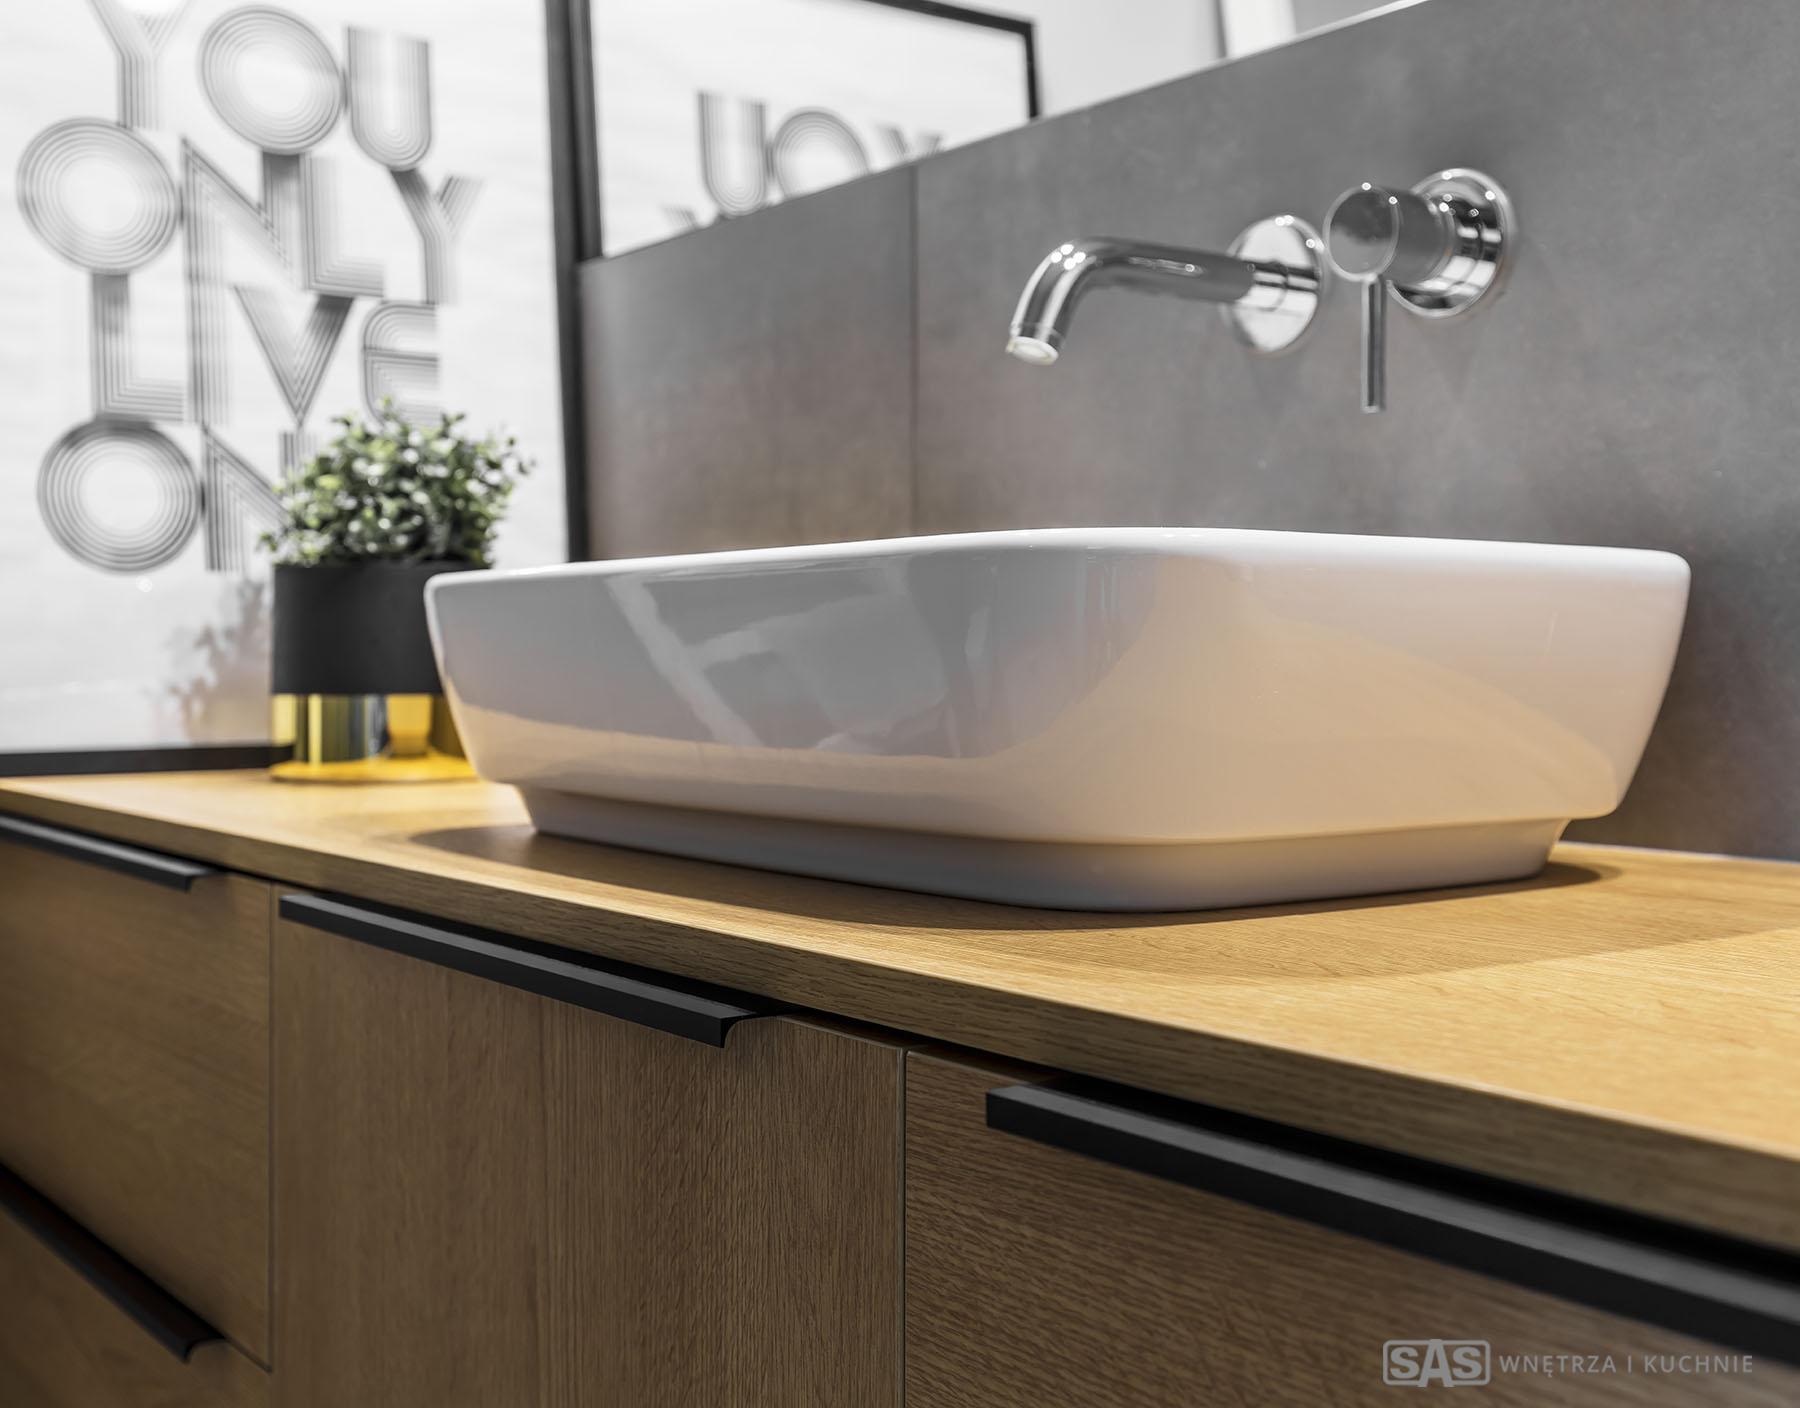 Aranżacja łazienki - meble w zabudowie wykonanie SAS Wnętrze i Kuchnie - projekt architekt wnętrz Emilia Strzempek Plasun.